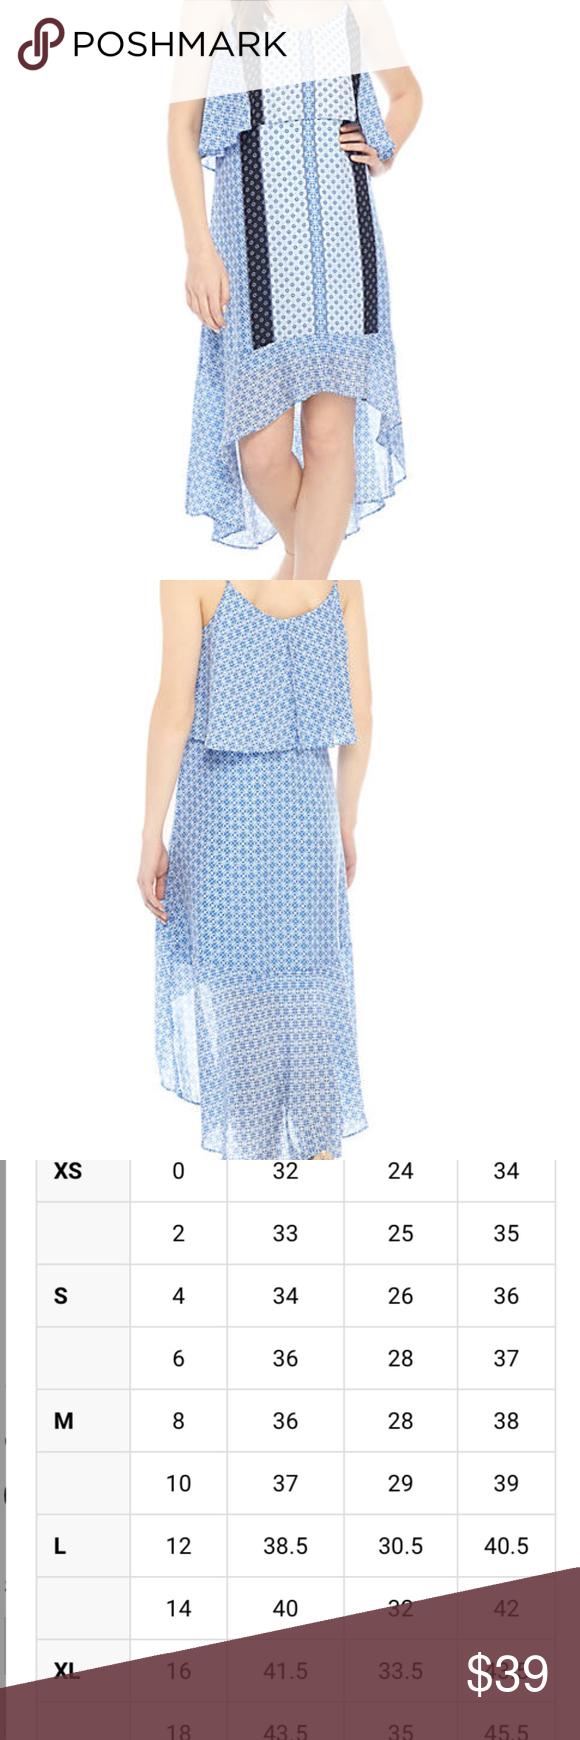 Kaari Blue High Low Maxi Dress Ret 109 High Low Maxi Dress Dresses Clothes Design [ 1740 x 580 Pixel ]